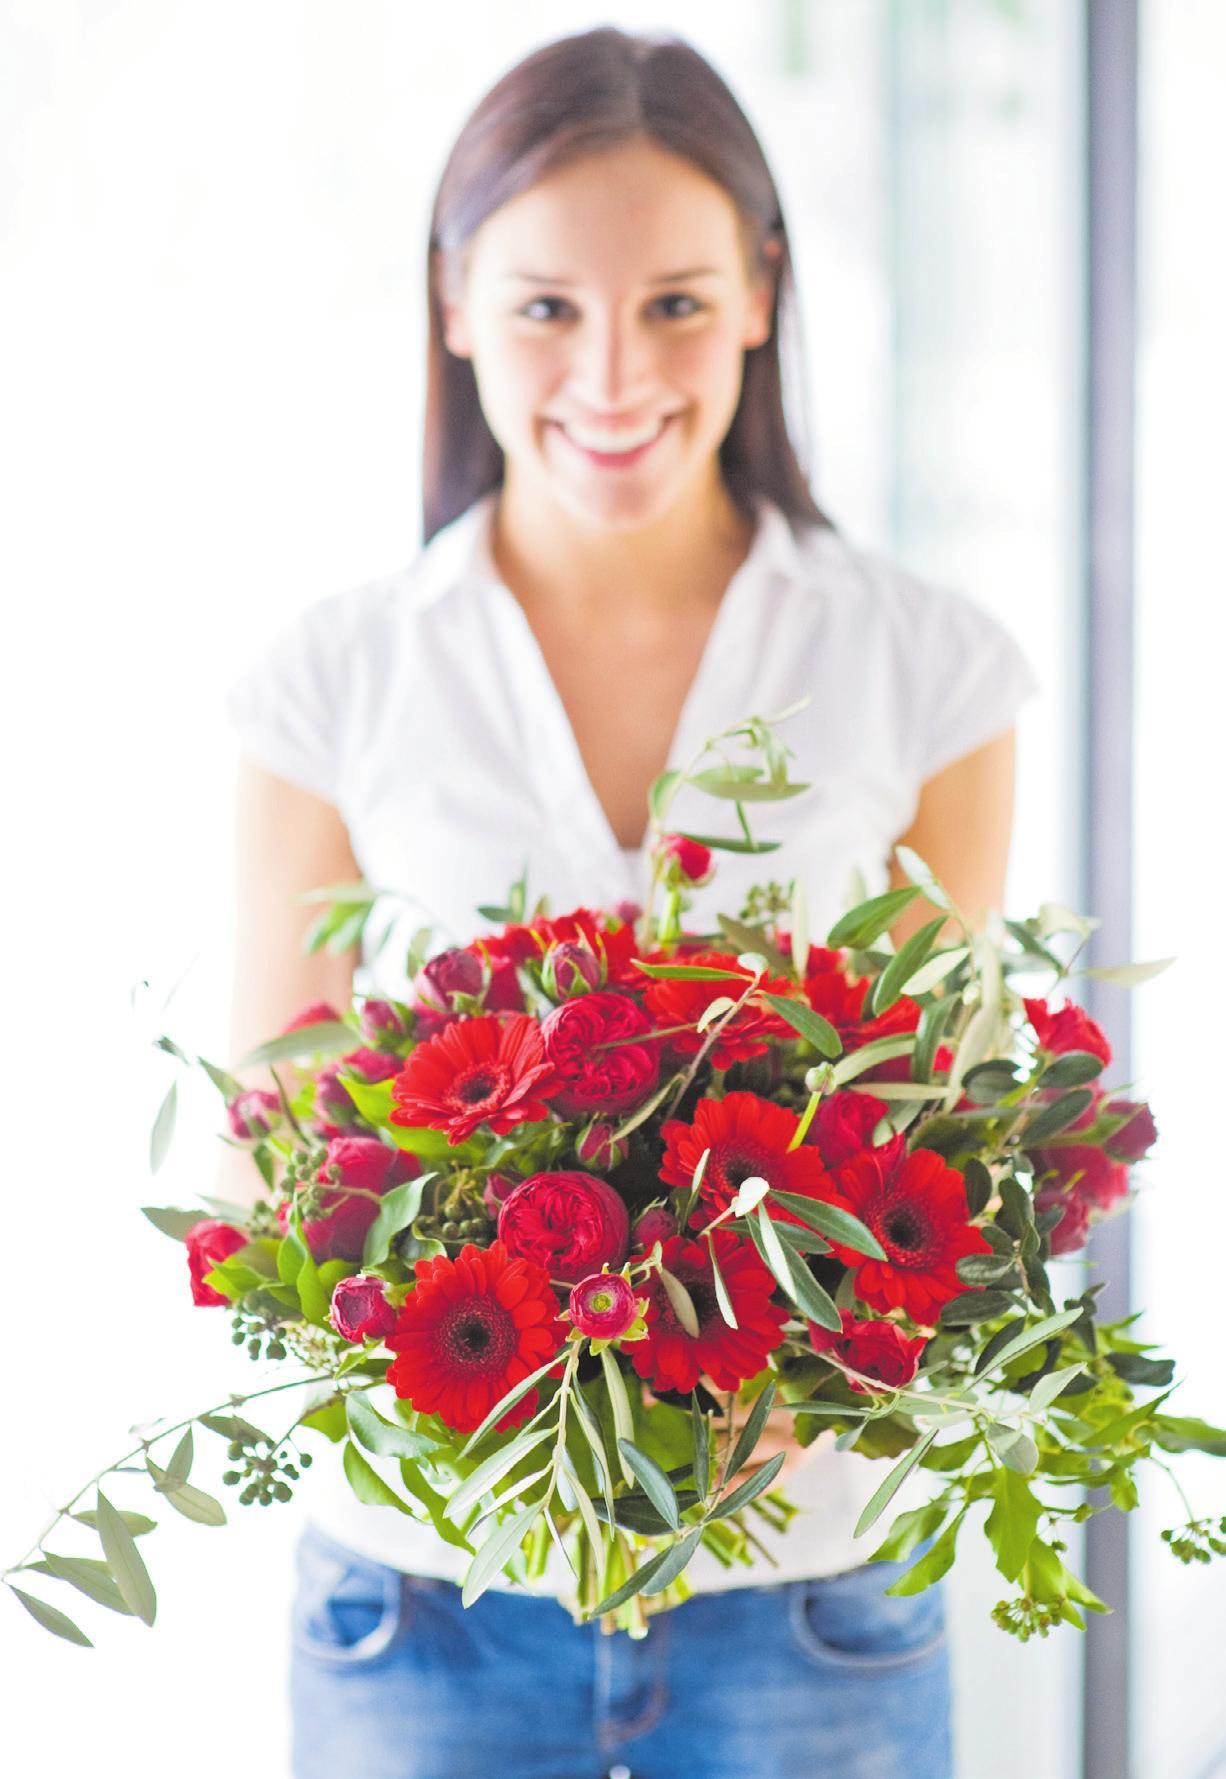 Rot ist die Farbe der Liebe – vor allem zum Valentinstag! Der gärtnerische Fachhandel bietet eine hochwertige Auswahl an Blumen und Pflanzen mit tollen roten Blüten oder Blättern sowie attraktives Dekomaterial. Foto: GMH/BVE